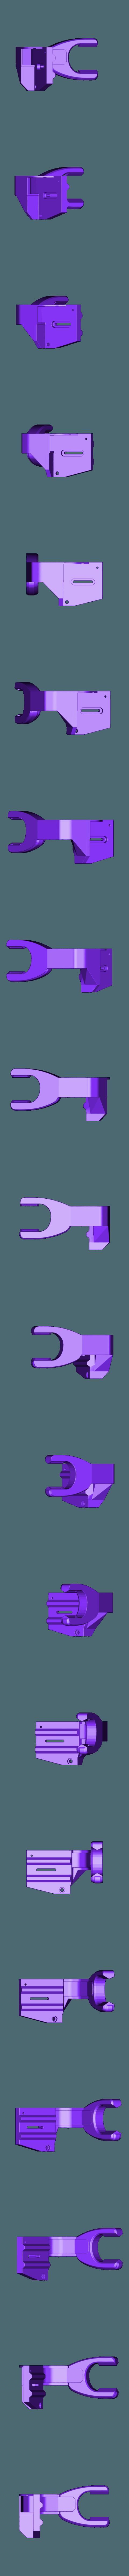 buse double flux.STL Download free STL file Direct Drive- E3DV6- Bondtech (right)-Bltouch • 3D printer template, kim_razor